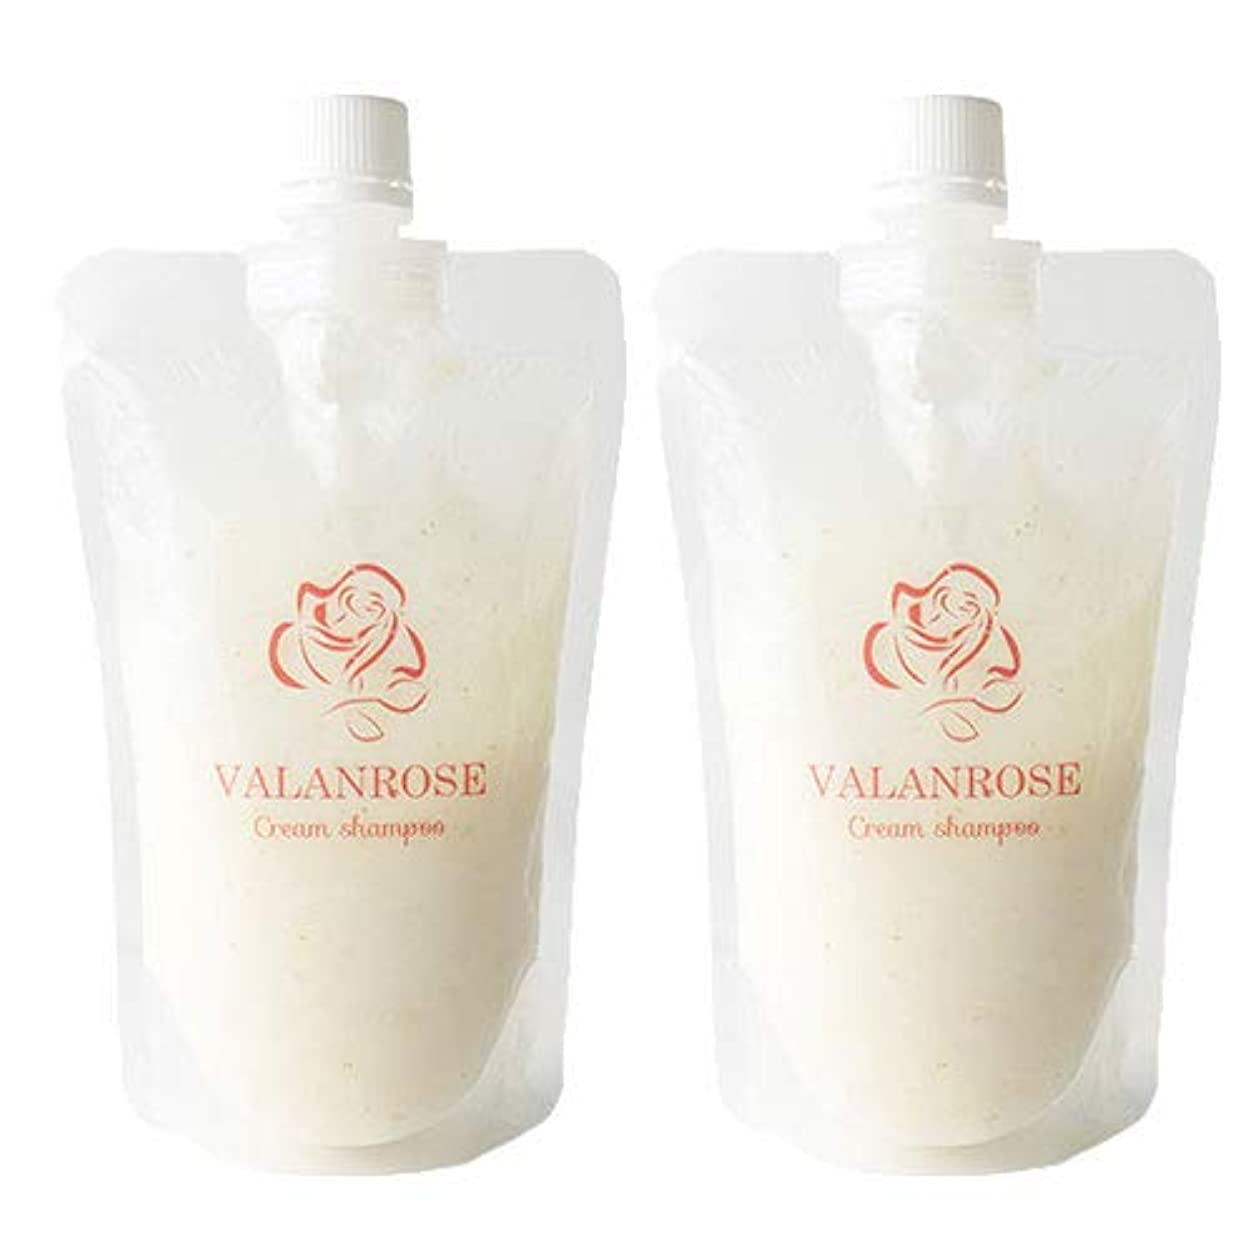 歩行者精査美容師バランローズ クリームシャンプー2個×1セット VALANROSE Cream shampoo/シャンプー クリームシャンプー 髪 ヘアケア